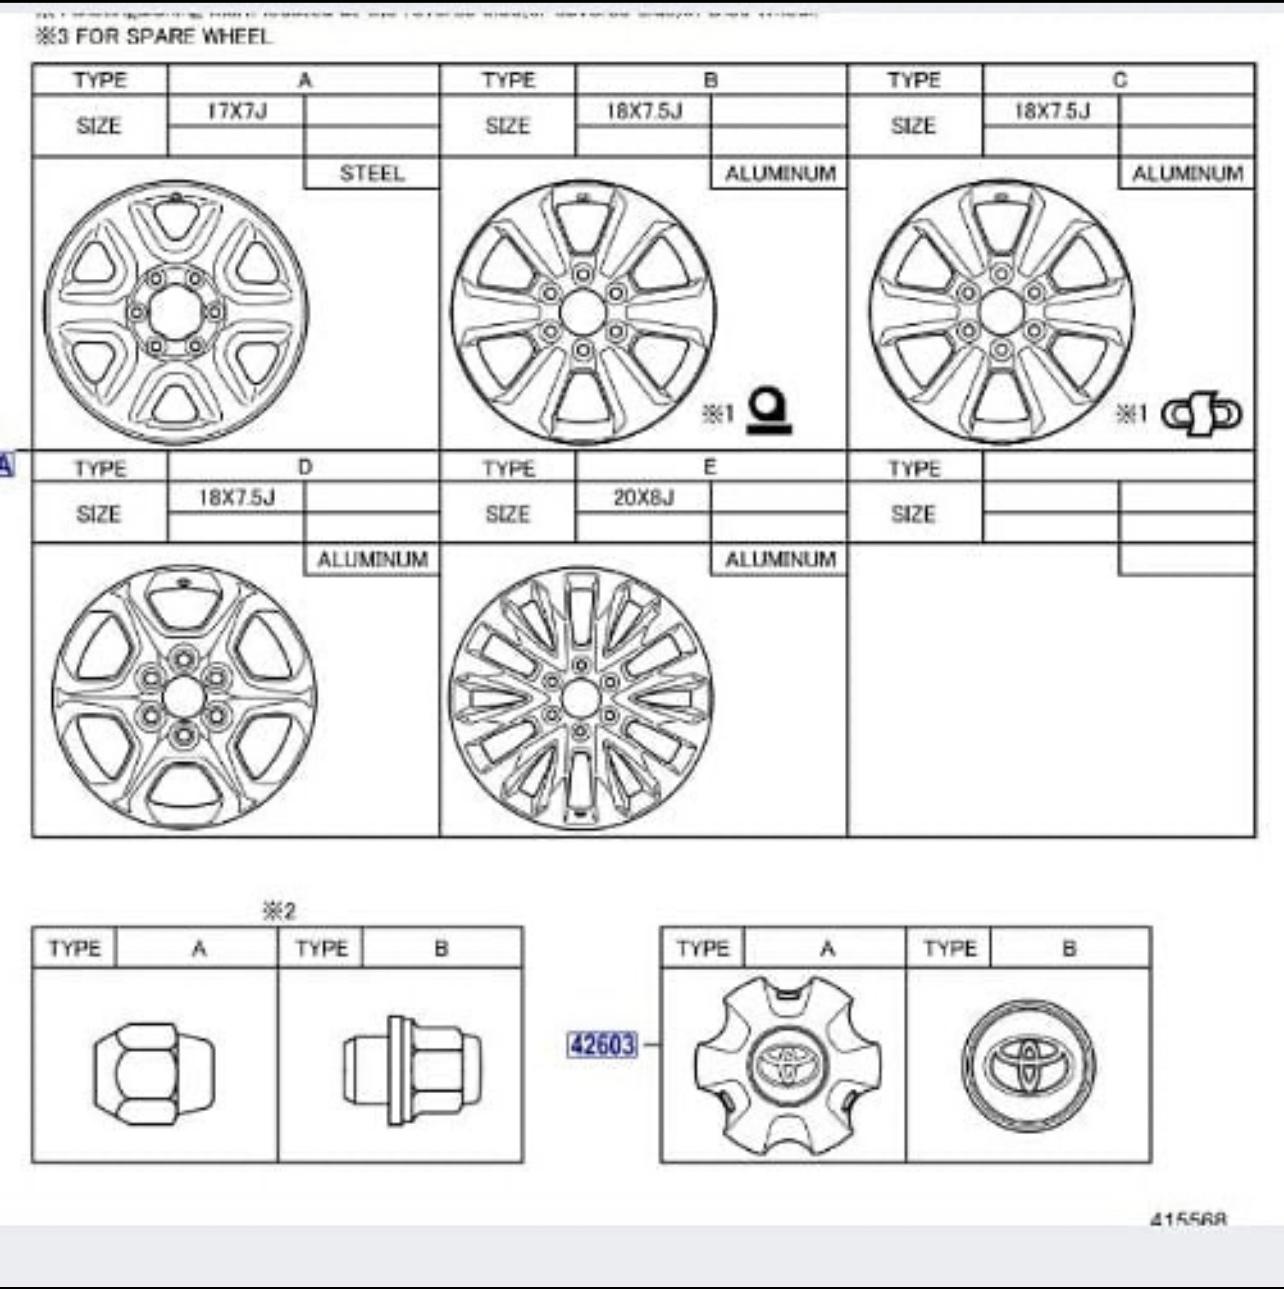 51AE925F-73EB-483D-861A-D373AA5950F6.jpeg